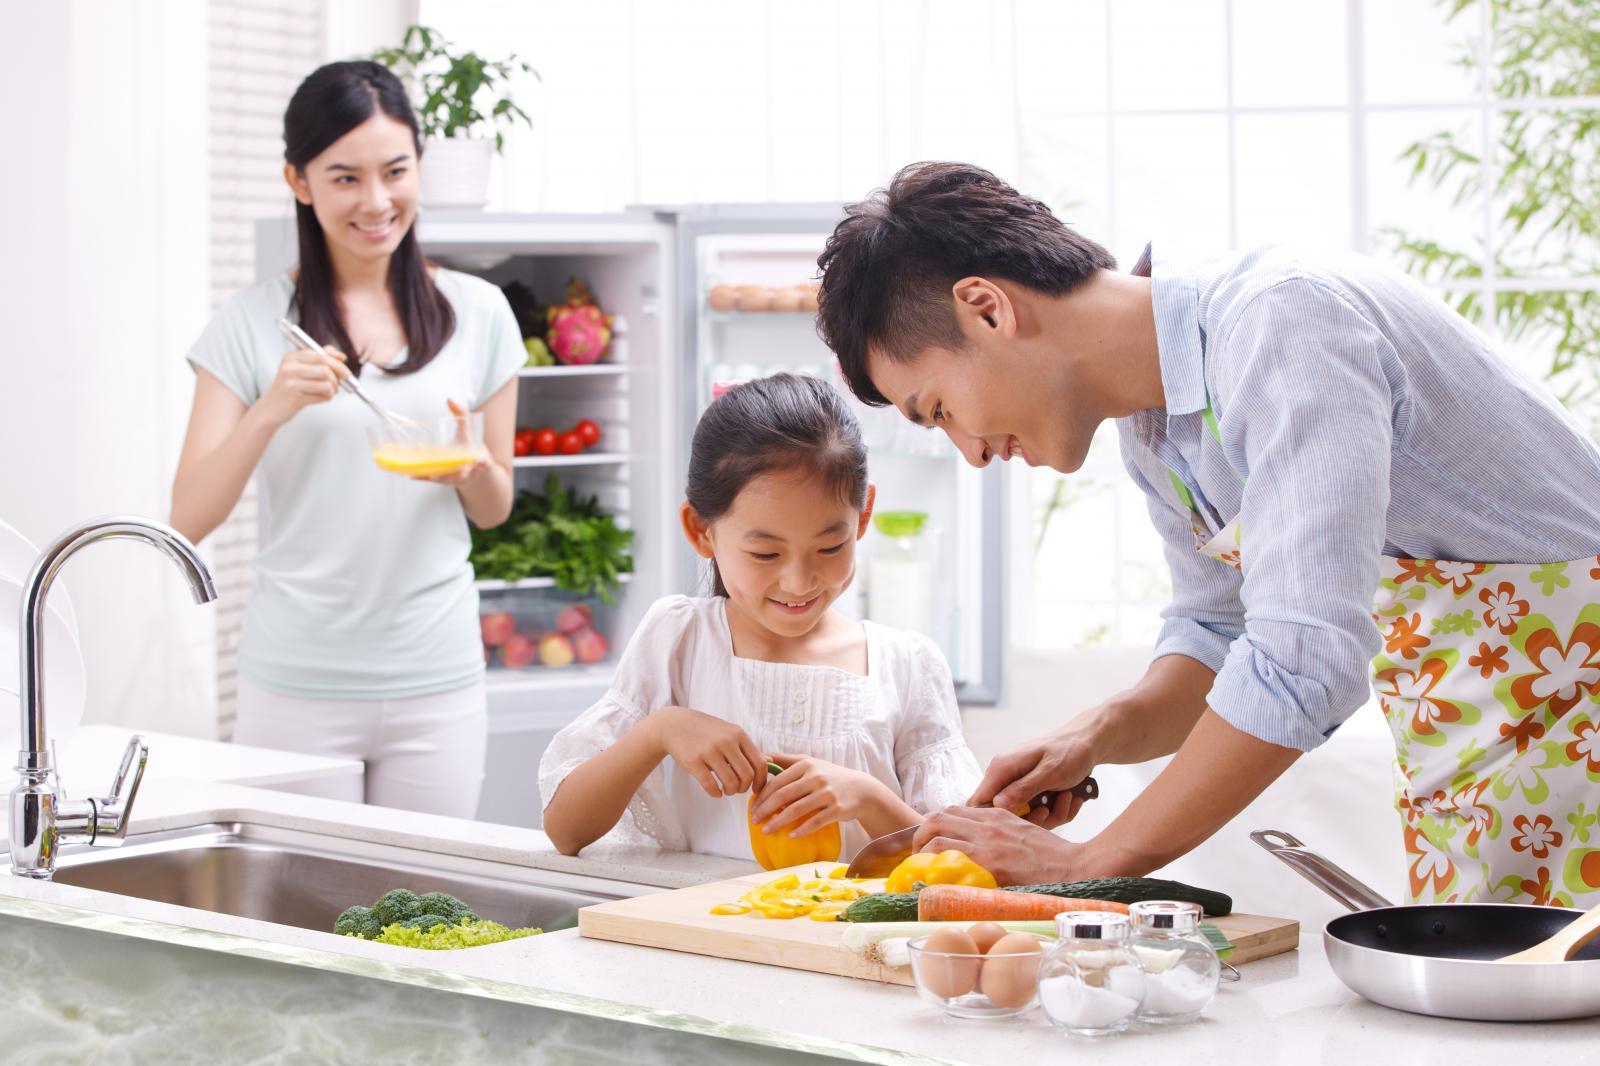 ba người hai lớn một bé đang nấu ăn trong khu bếp.